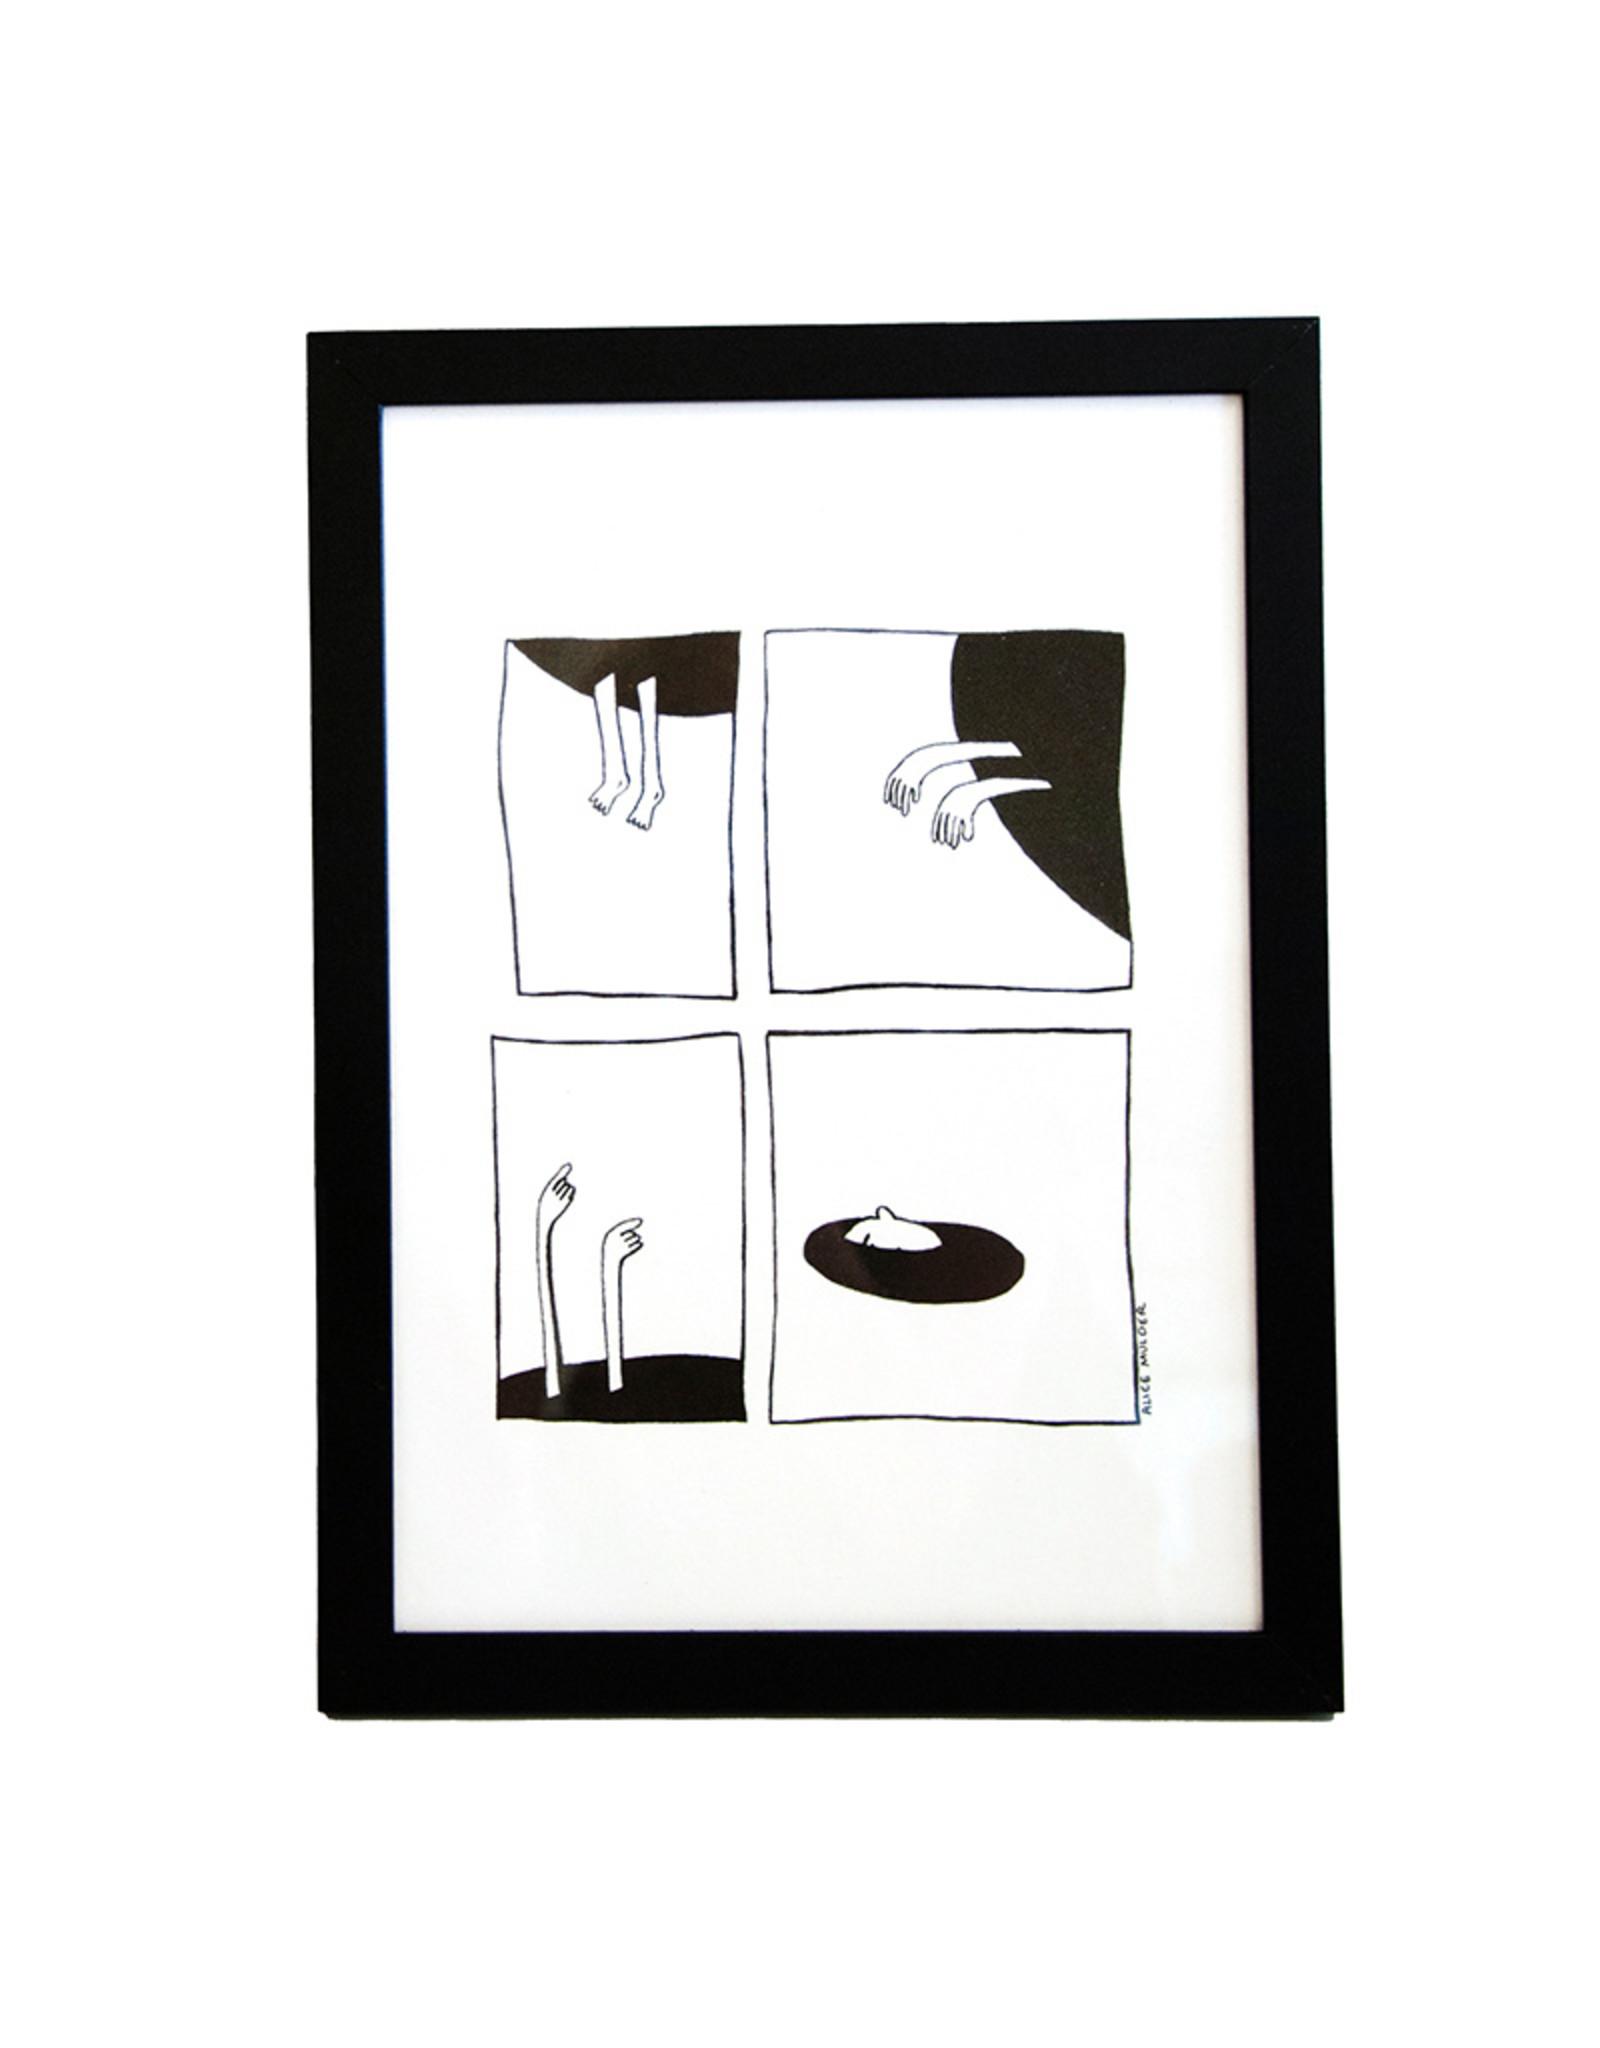 Alice Mulder Alice Mulder - Black Hole, Riso Print